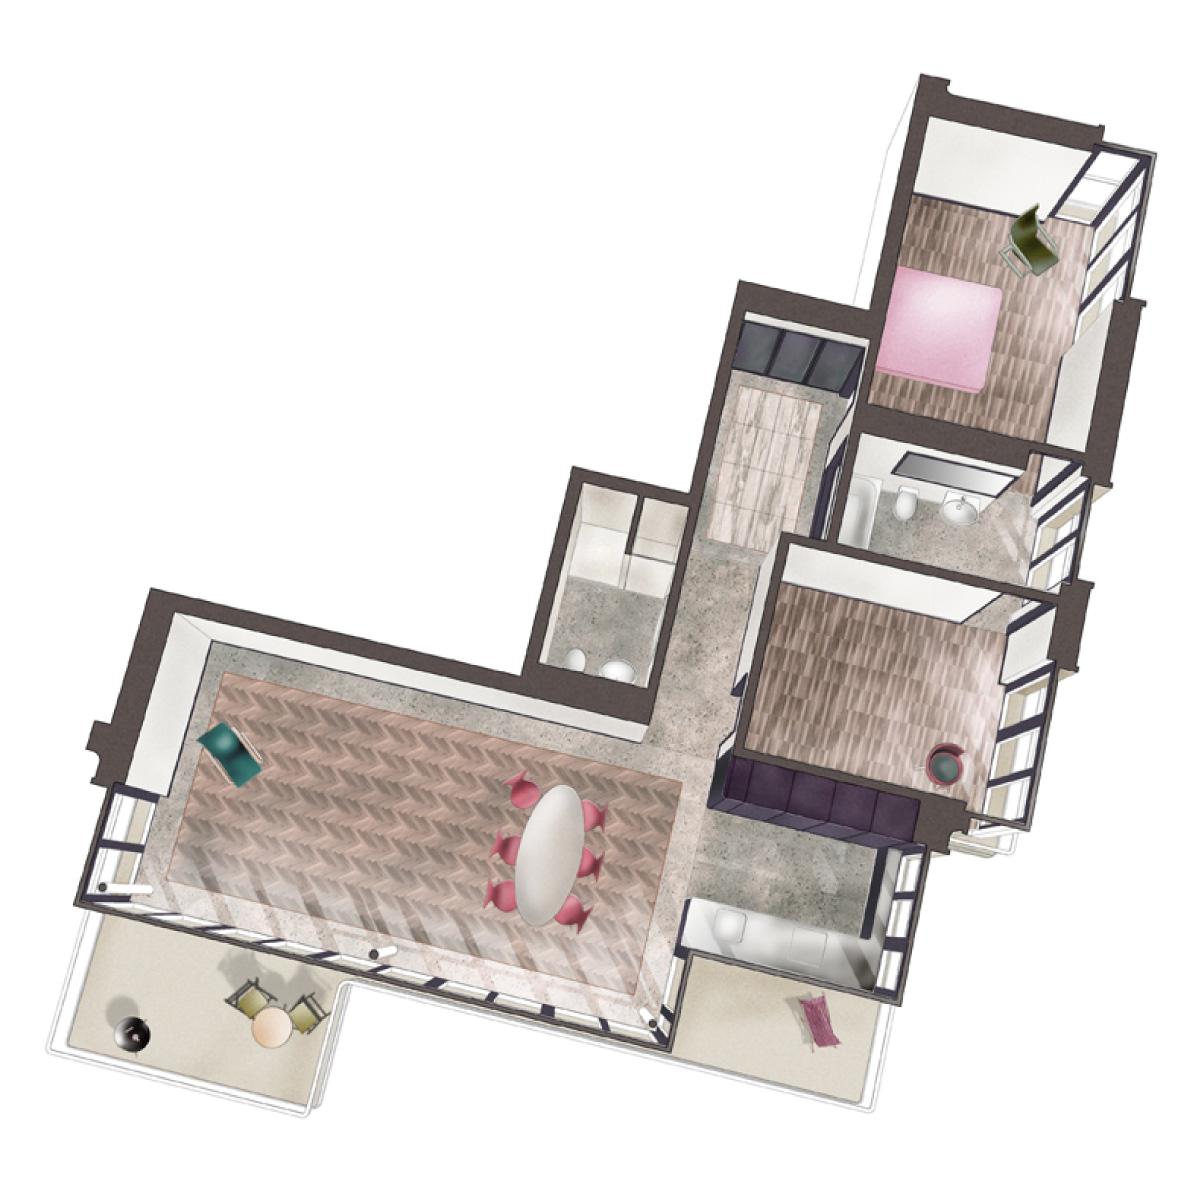 3,5-Zimmer-Wohnung 94 m2